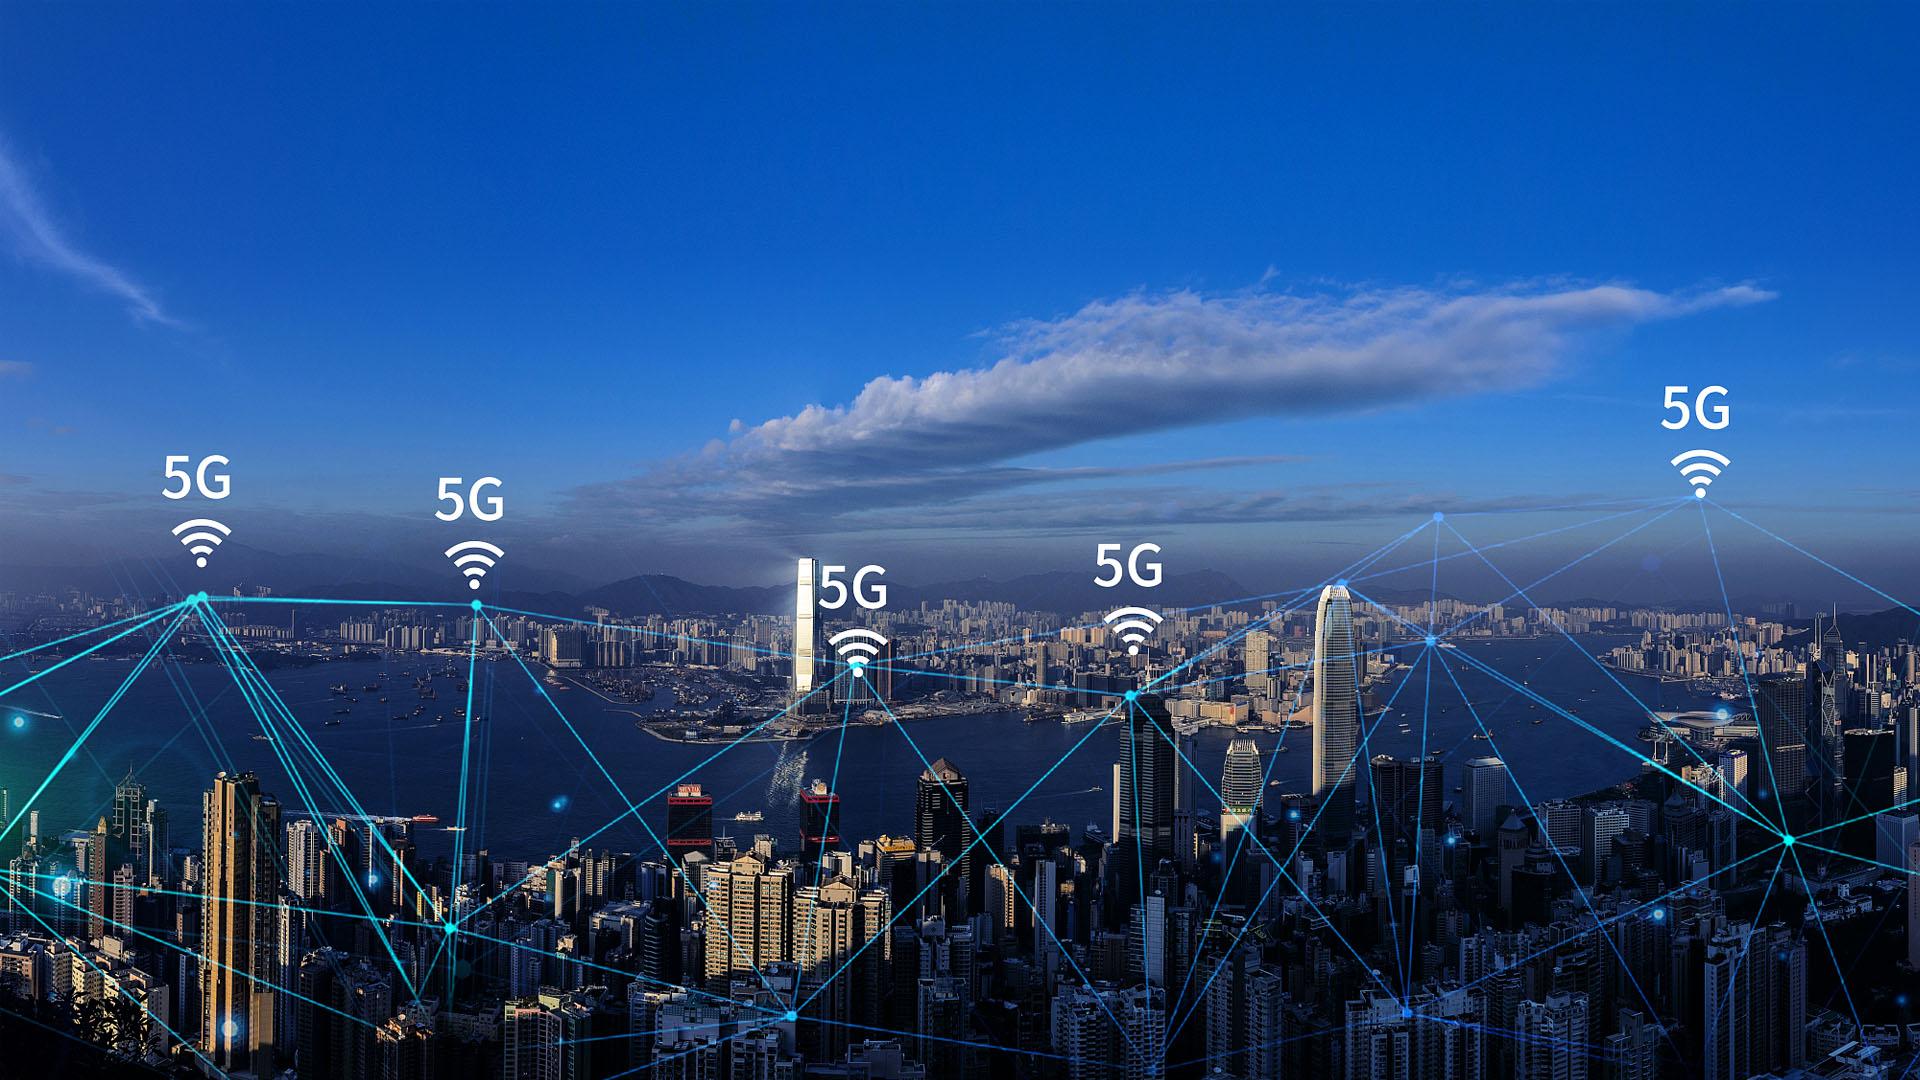 Un cunoscut furnizor de servicii telecom, anunț important privind rețeaua 5G din Capitală